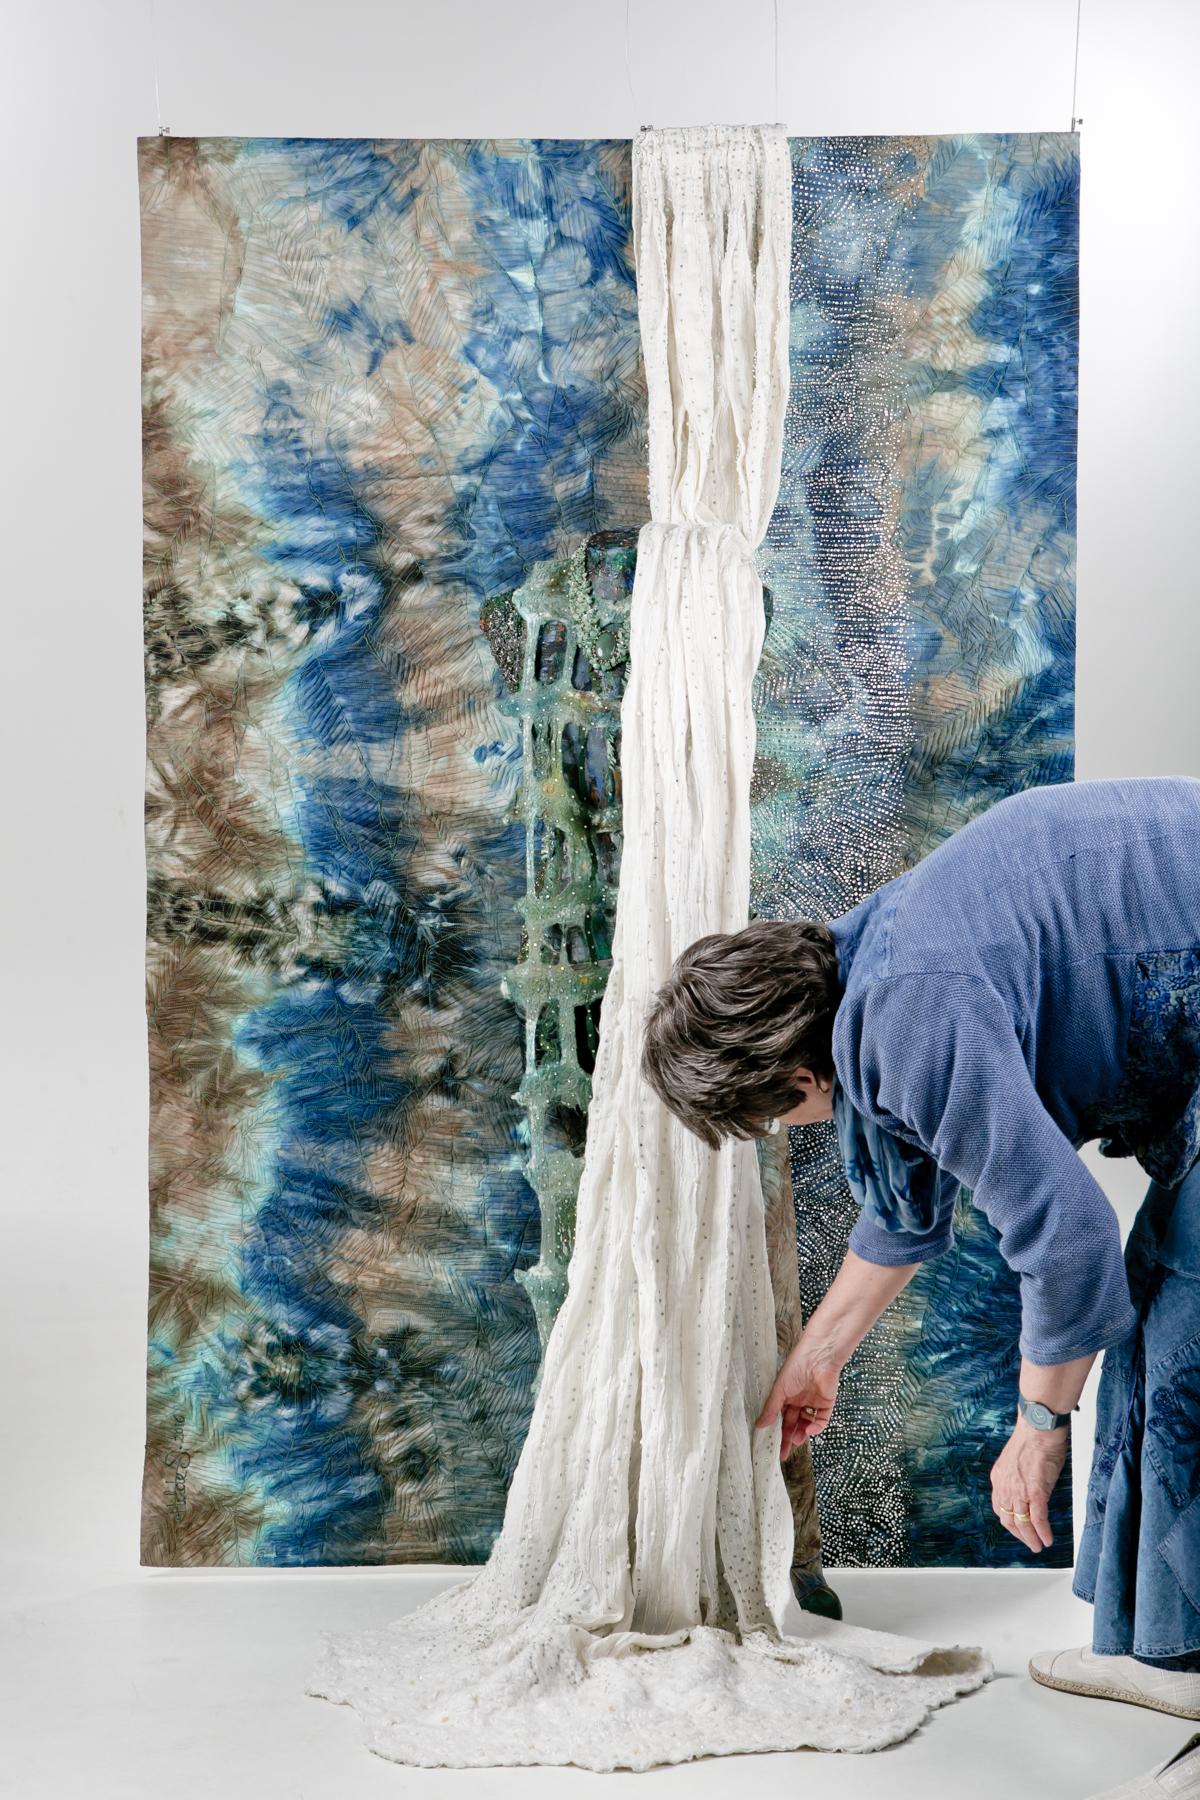 Hilde van Schaardenburg.Waterfall & Hilde